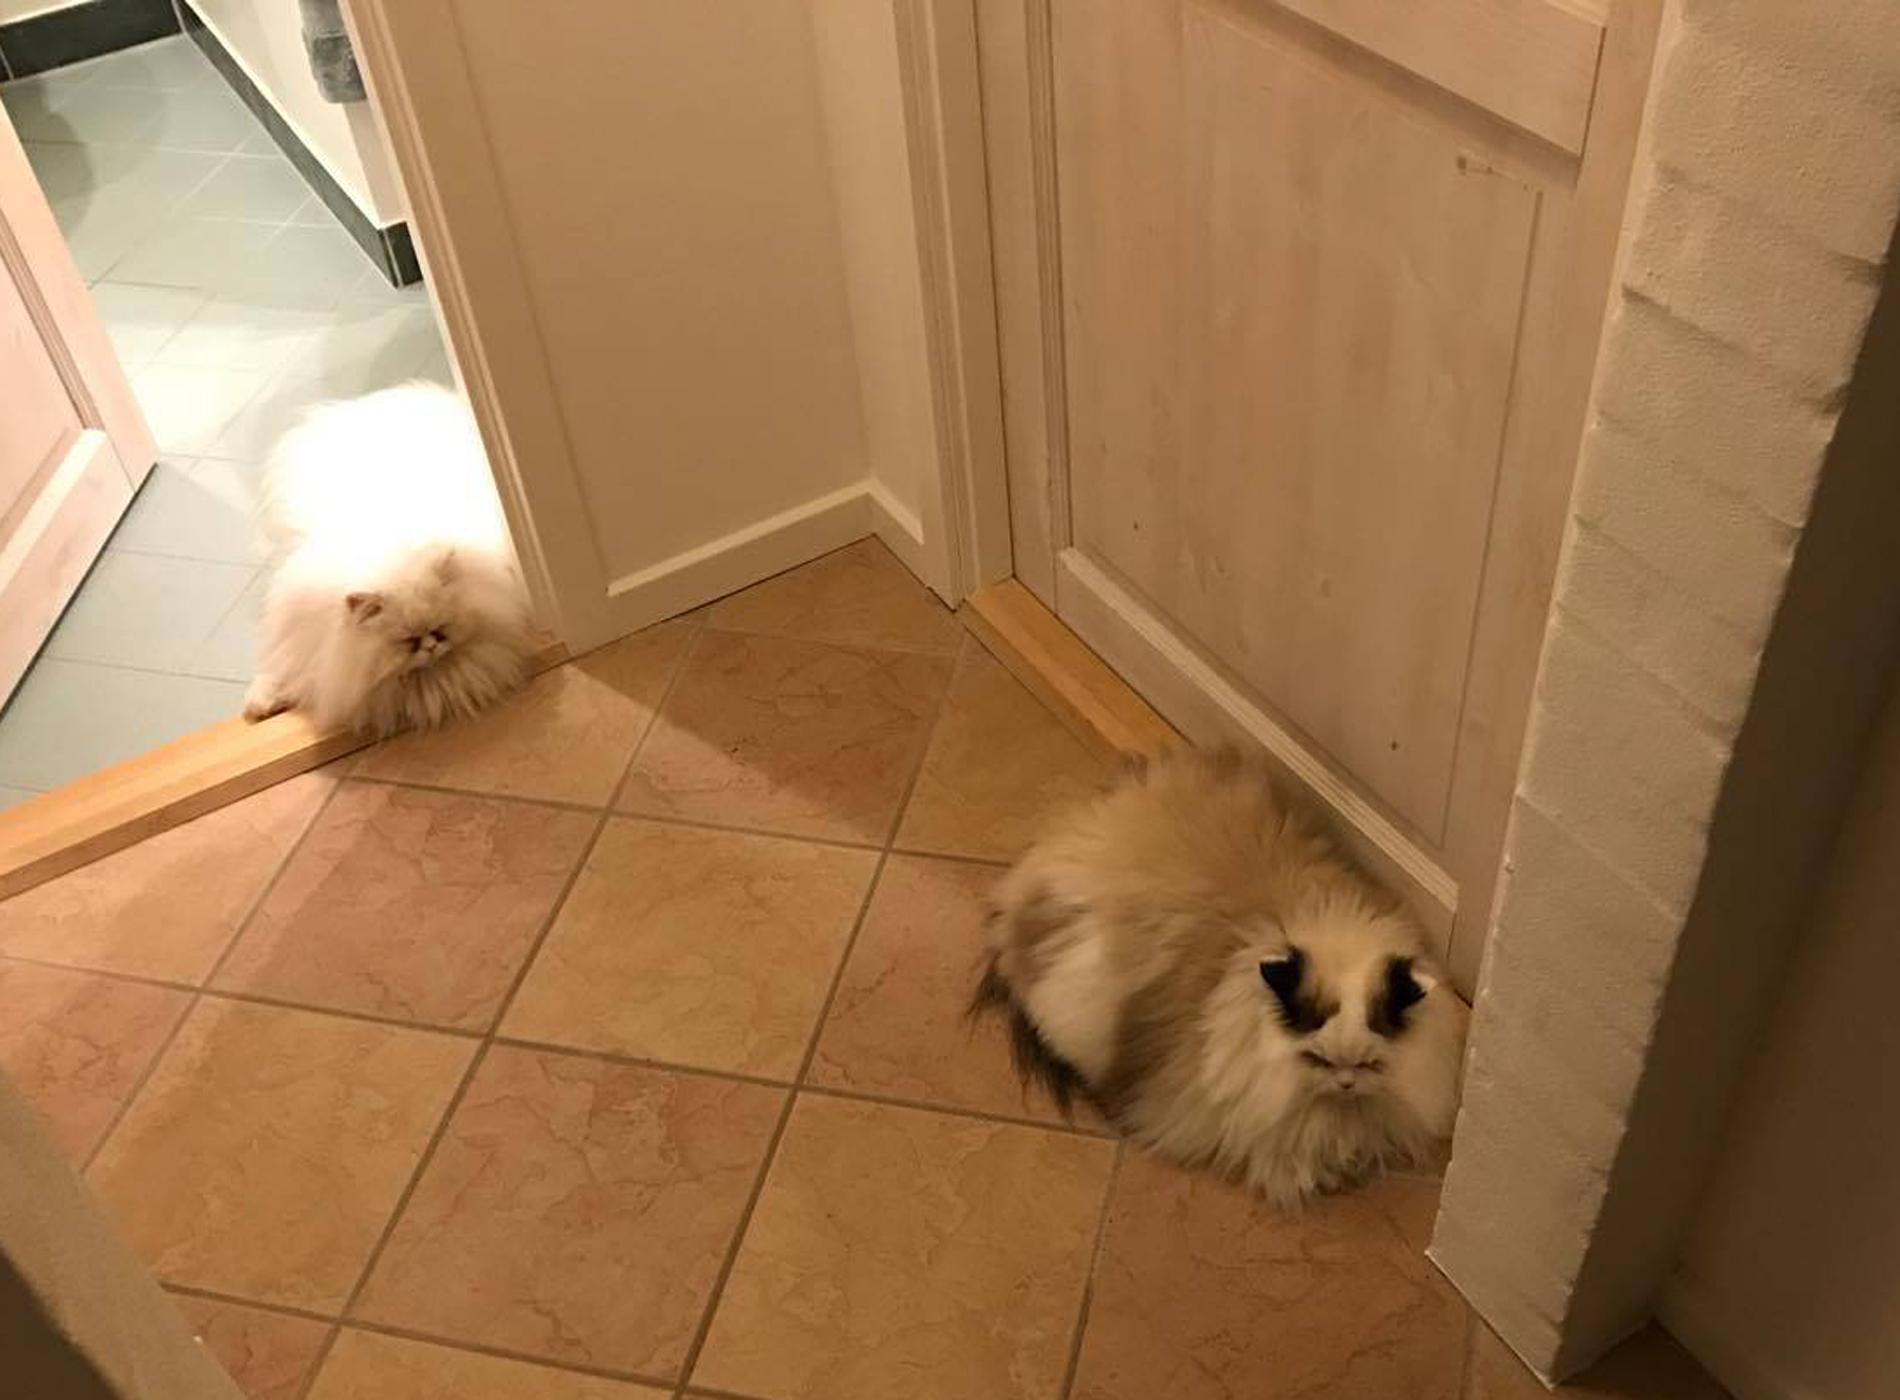 katte fanger mus.jpg